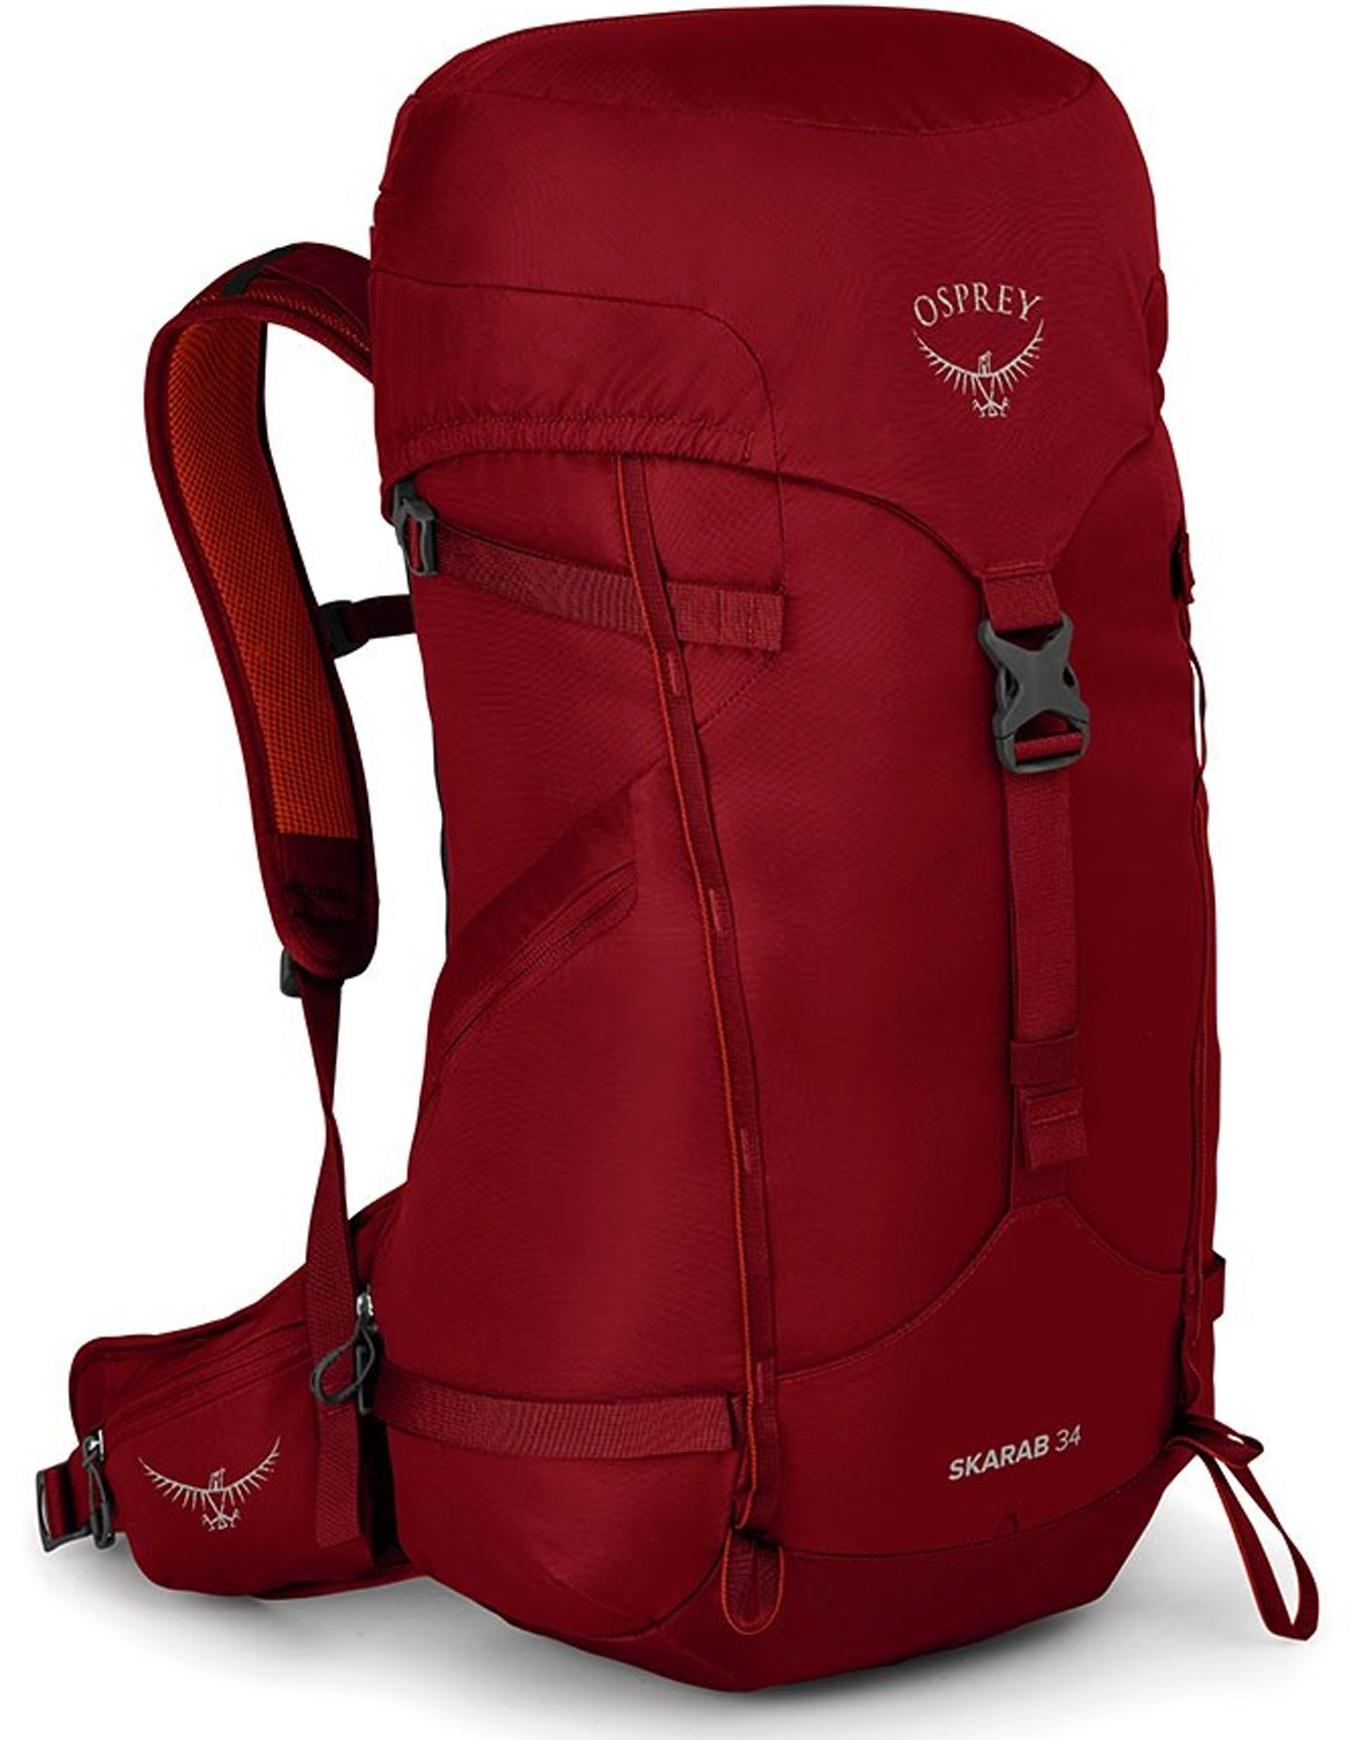 Sac de randonnée Osprey Skarab 34 - Mystic Red